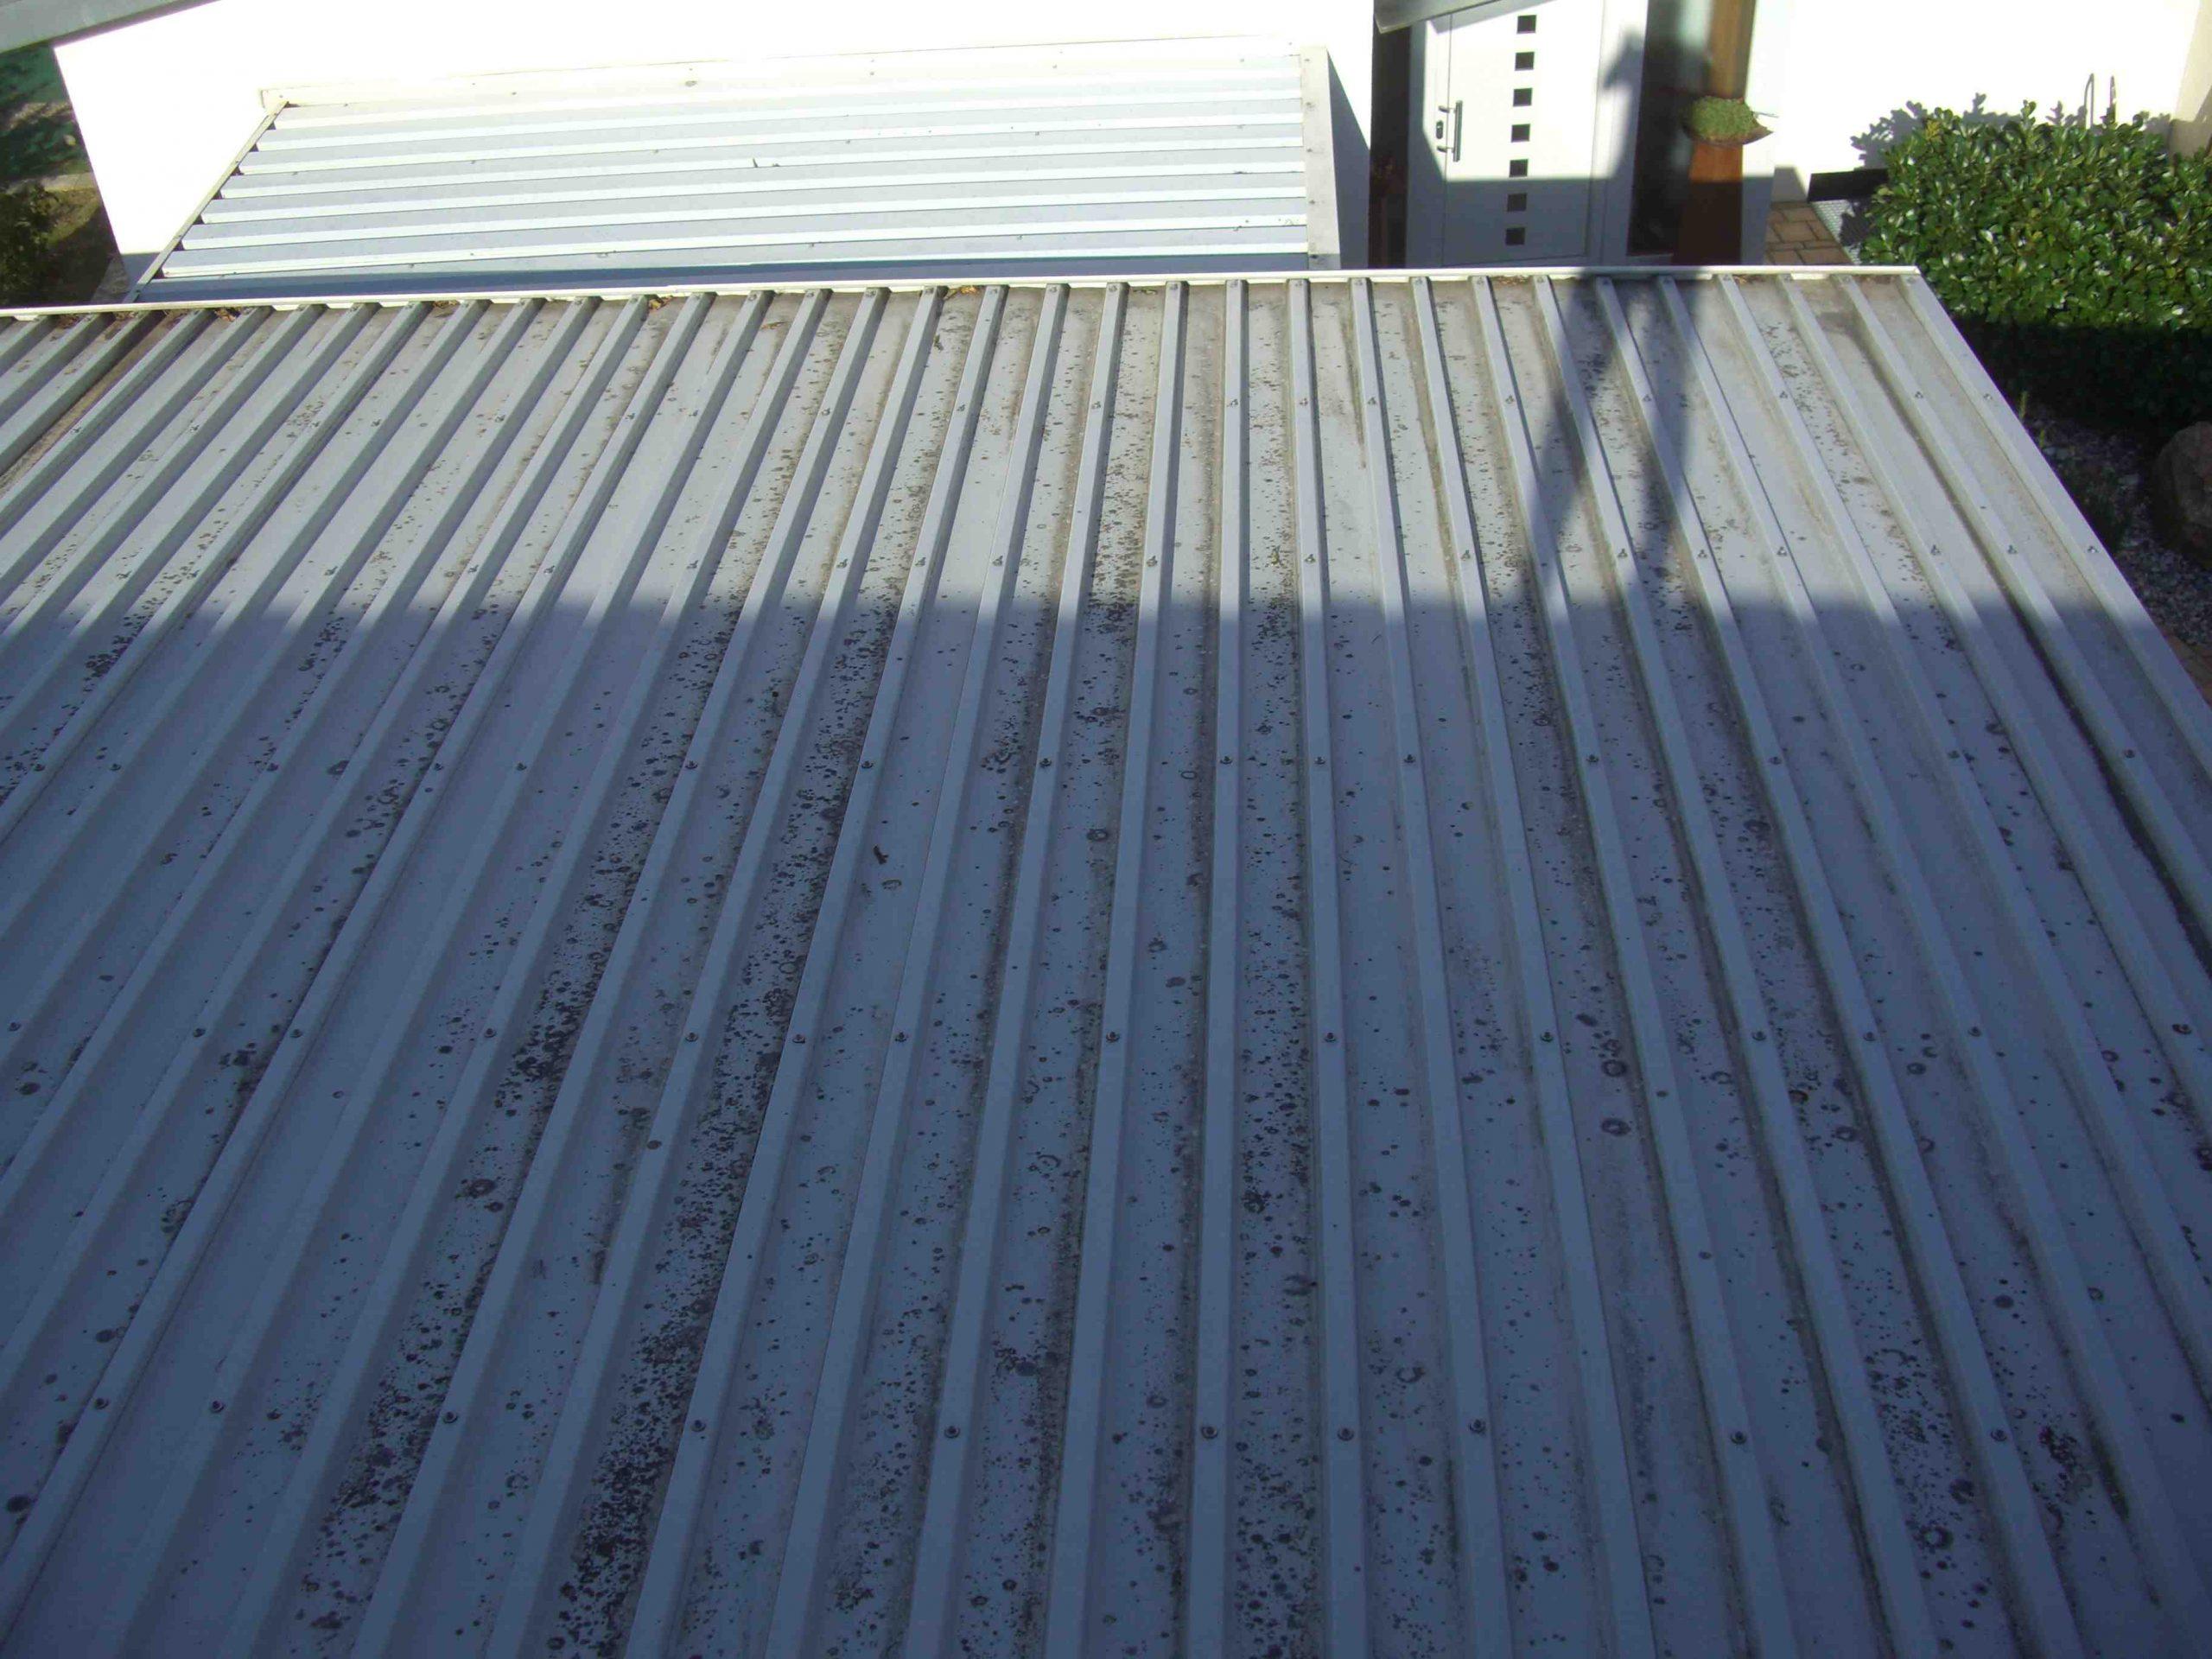 Dach4-scaled.jpg